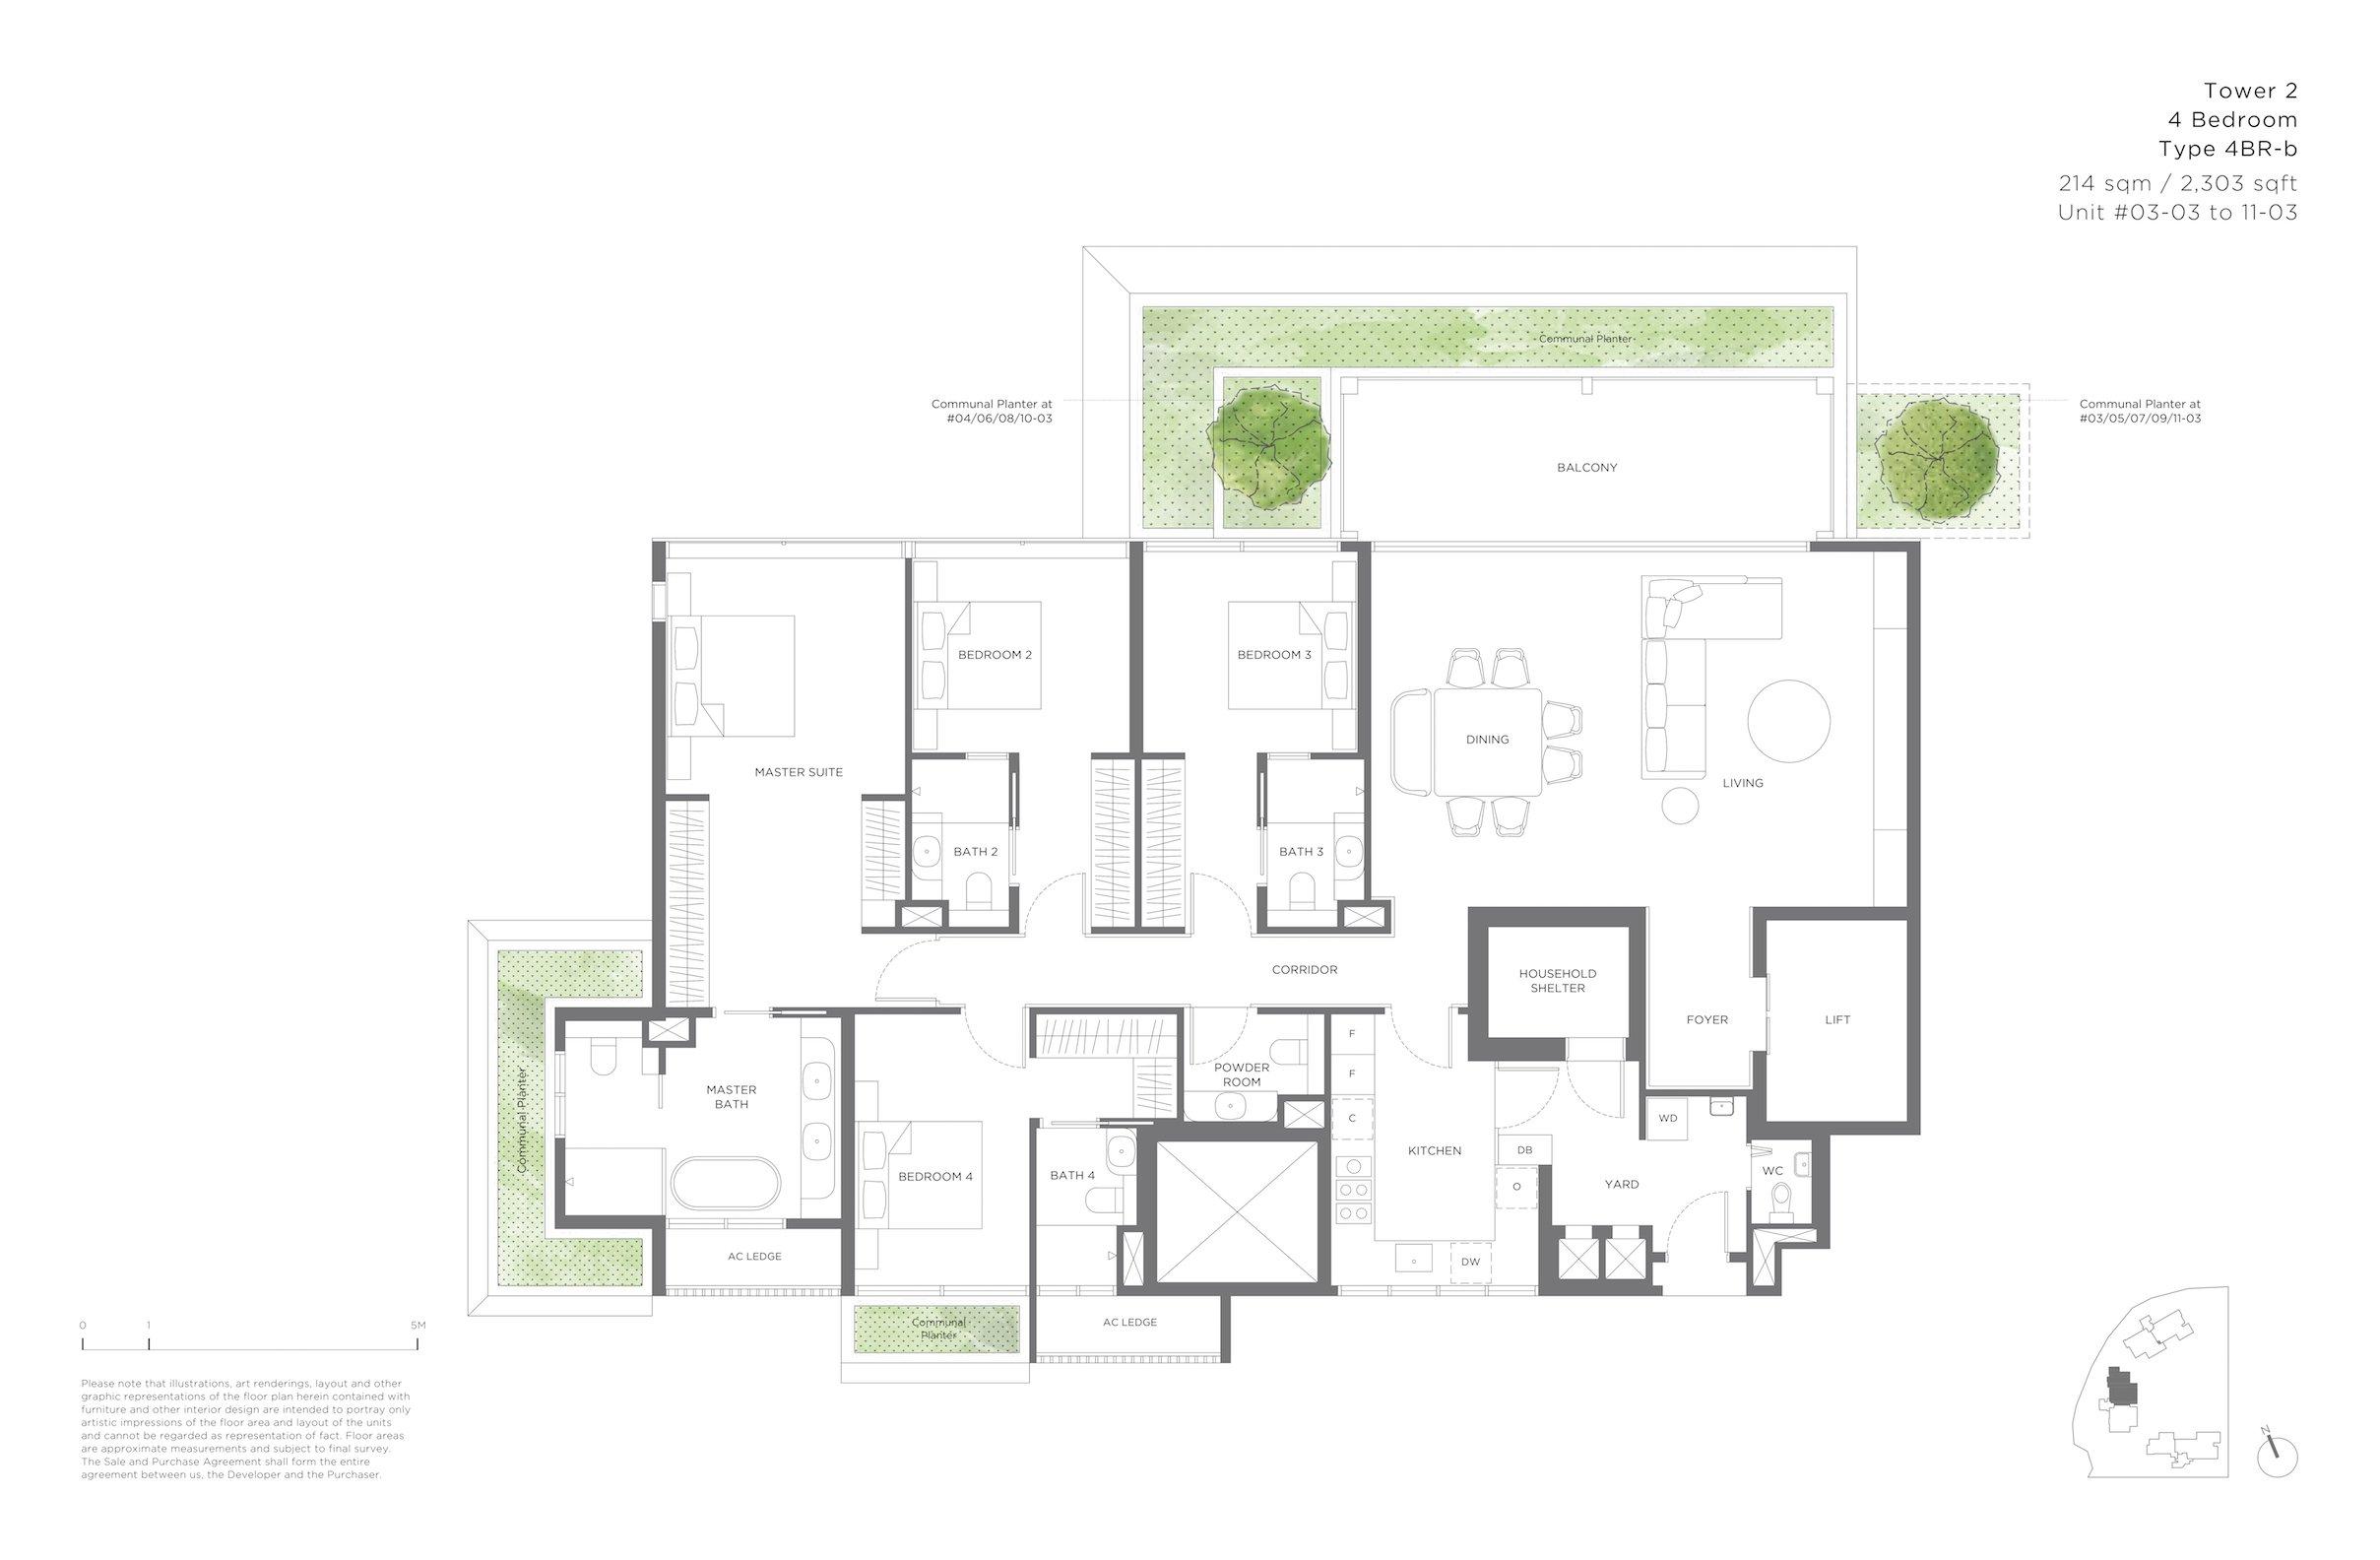 15 Holland Hill 荷兰山公寓 4-bedroom 4br-b